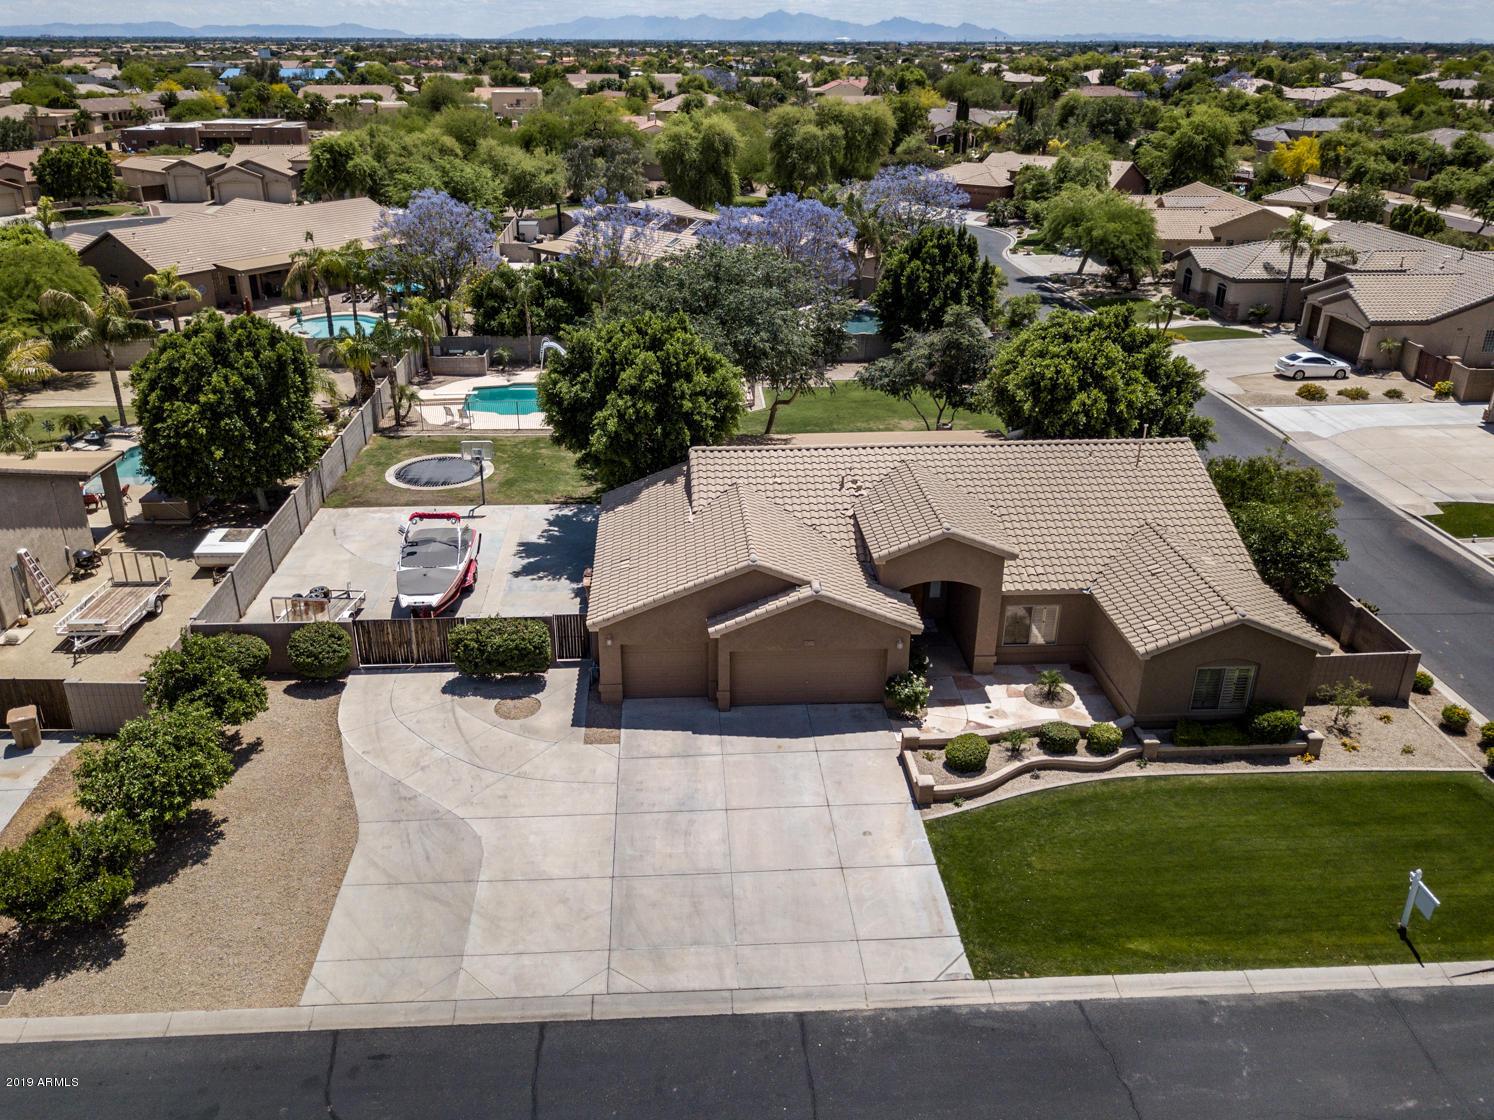 Photo of 8039 W MARIPOSA GRANDE Lane, Peoria, AZ 85383